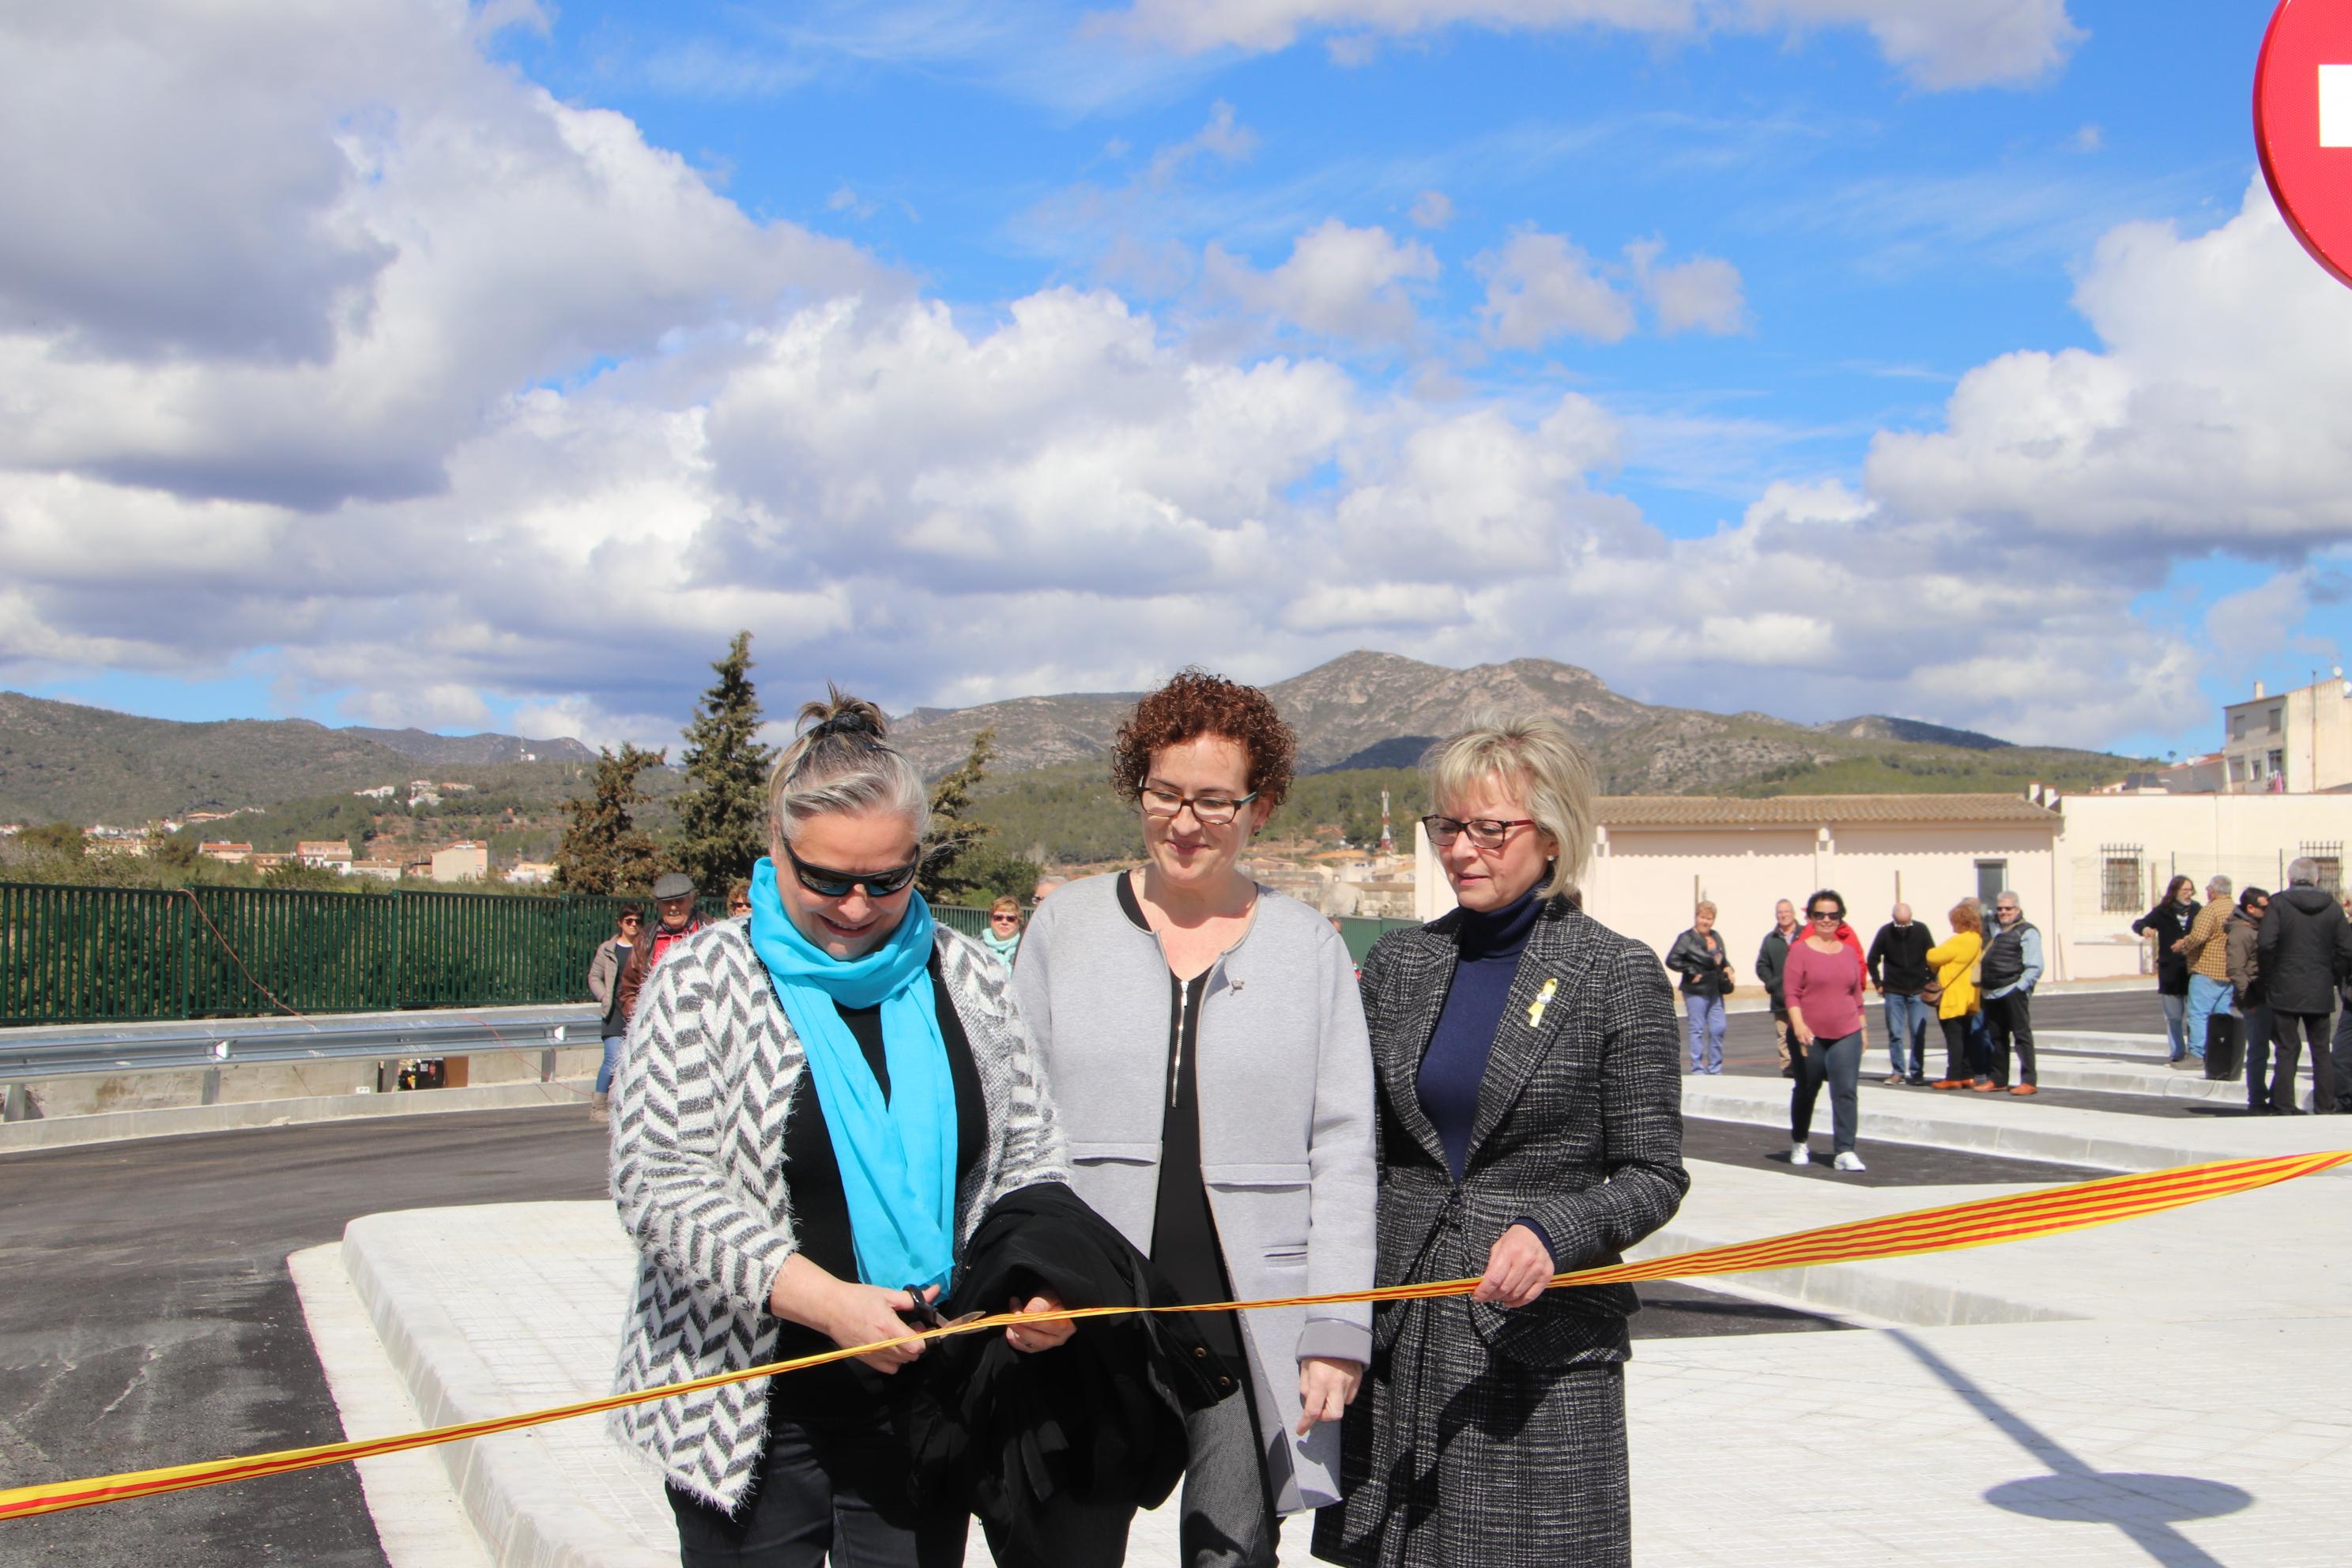 L'Ajuntament de la Bisbal del Penedès ha inaugurat aquest divendres 16 de març l'aparcament d'autocars